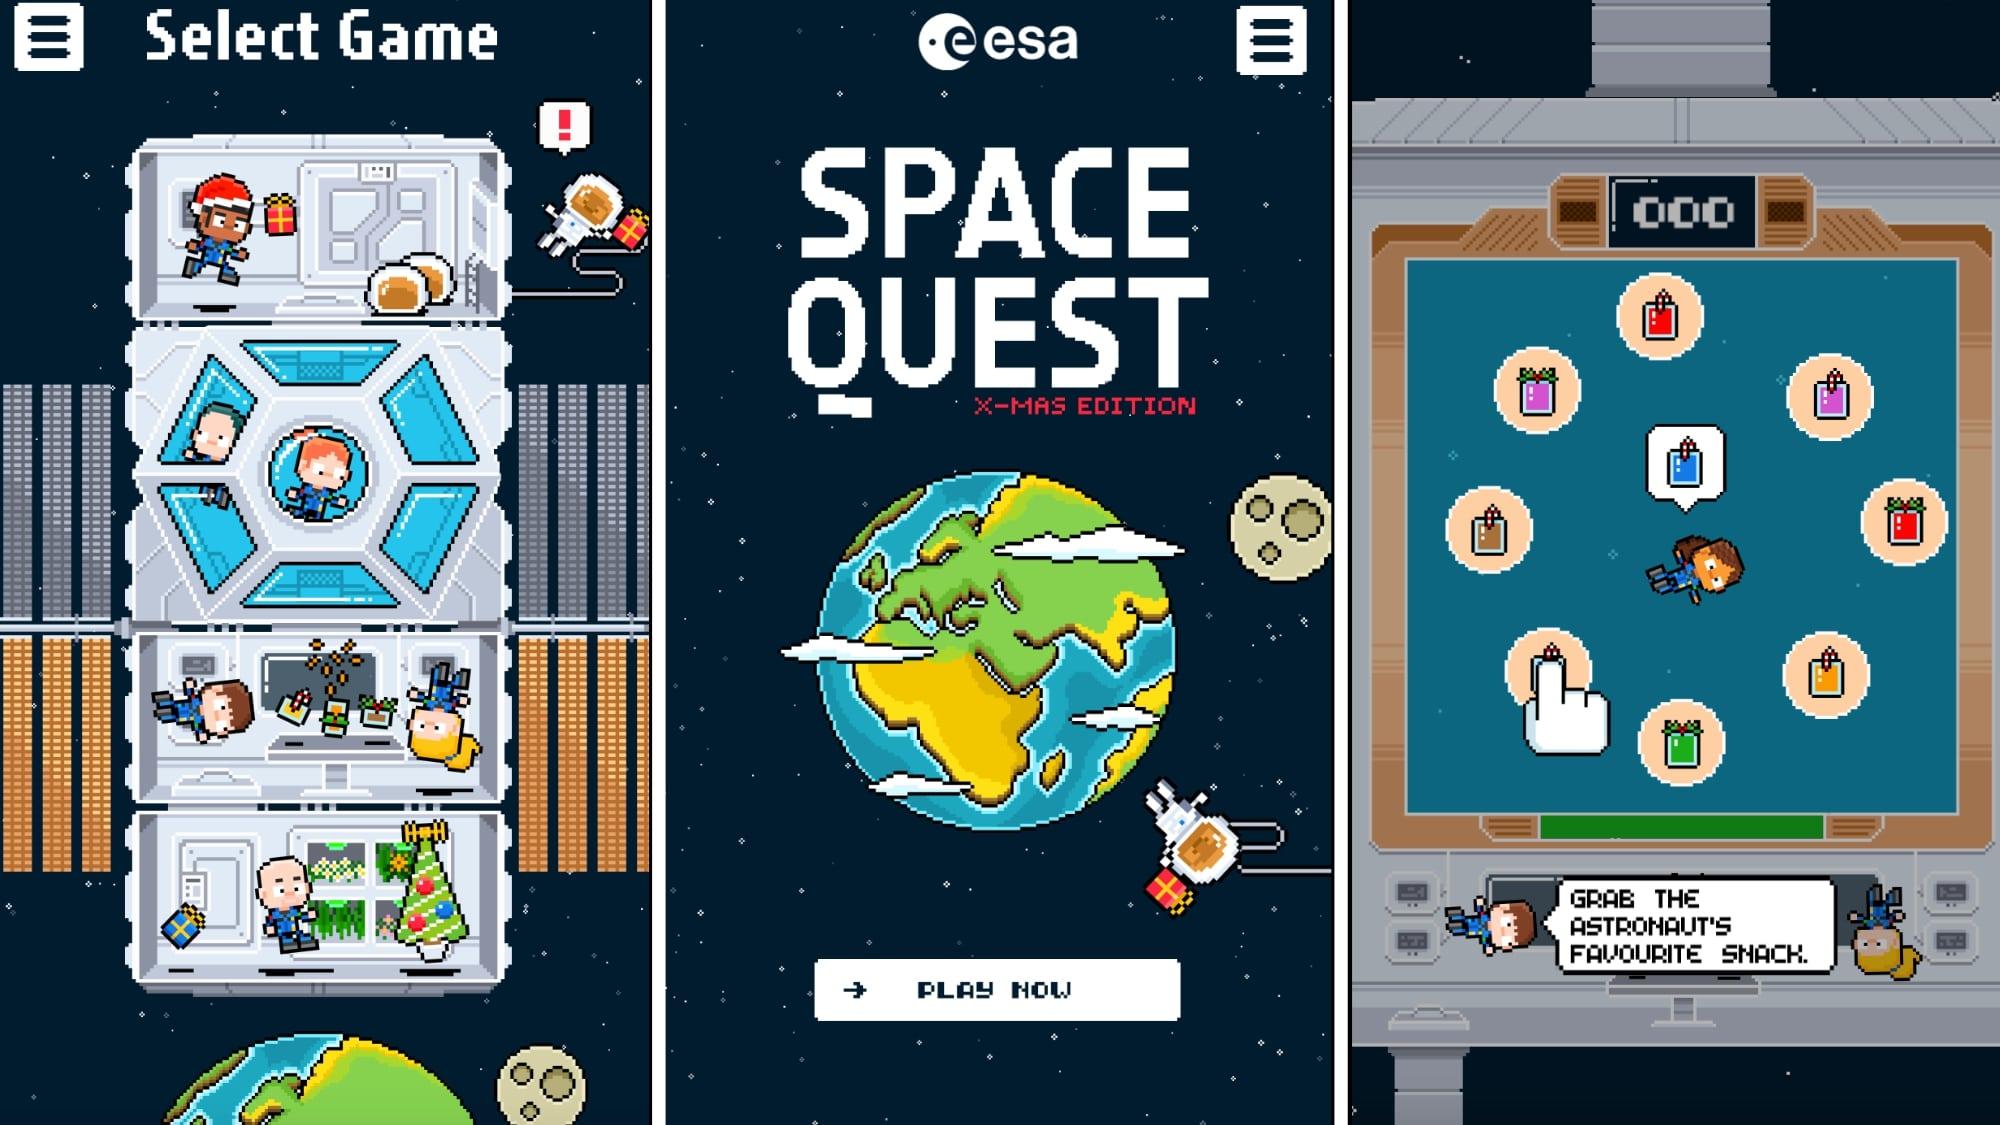 esa-space-quest-tech-princess